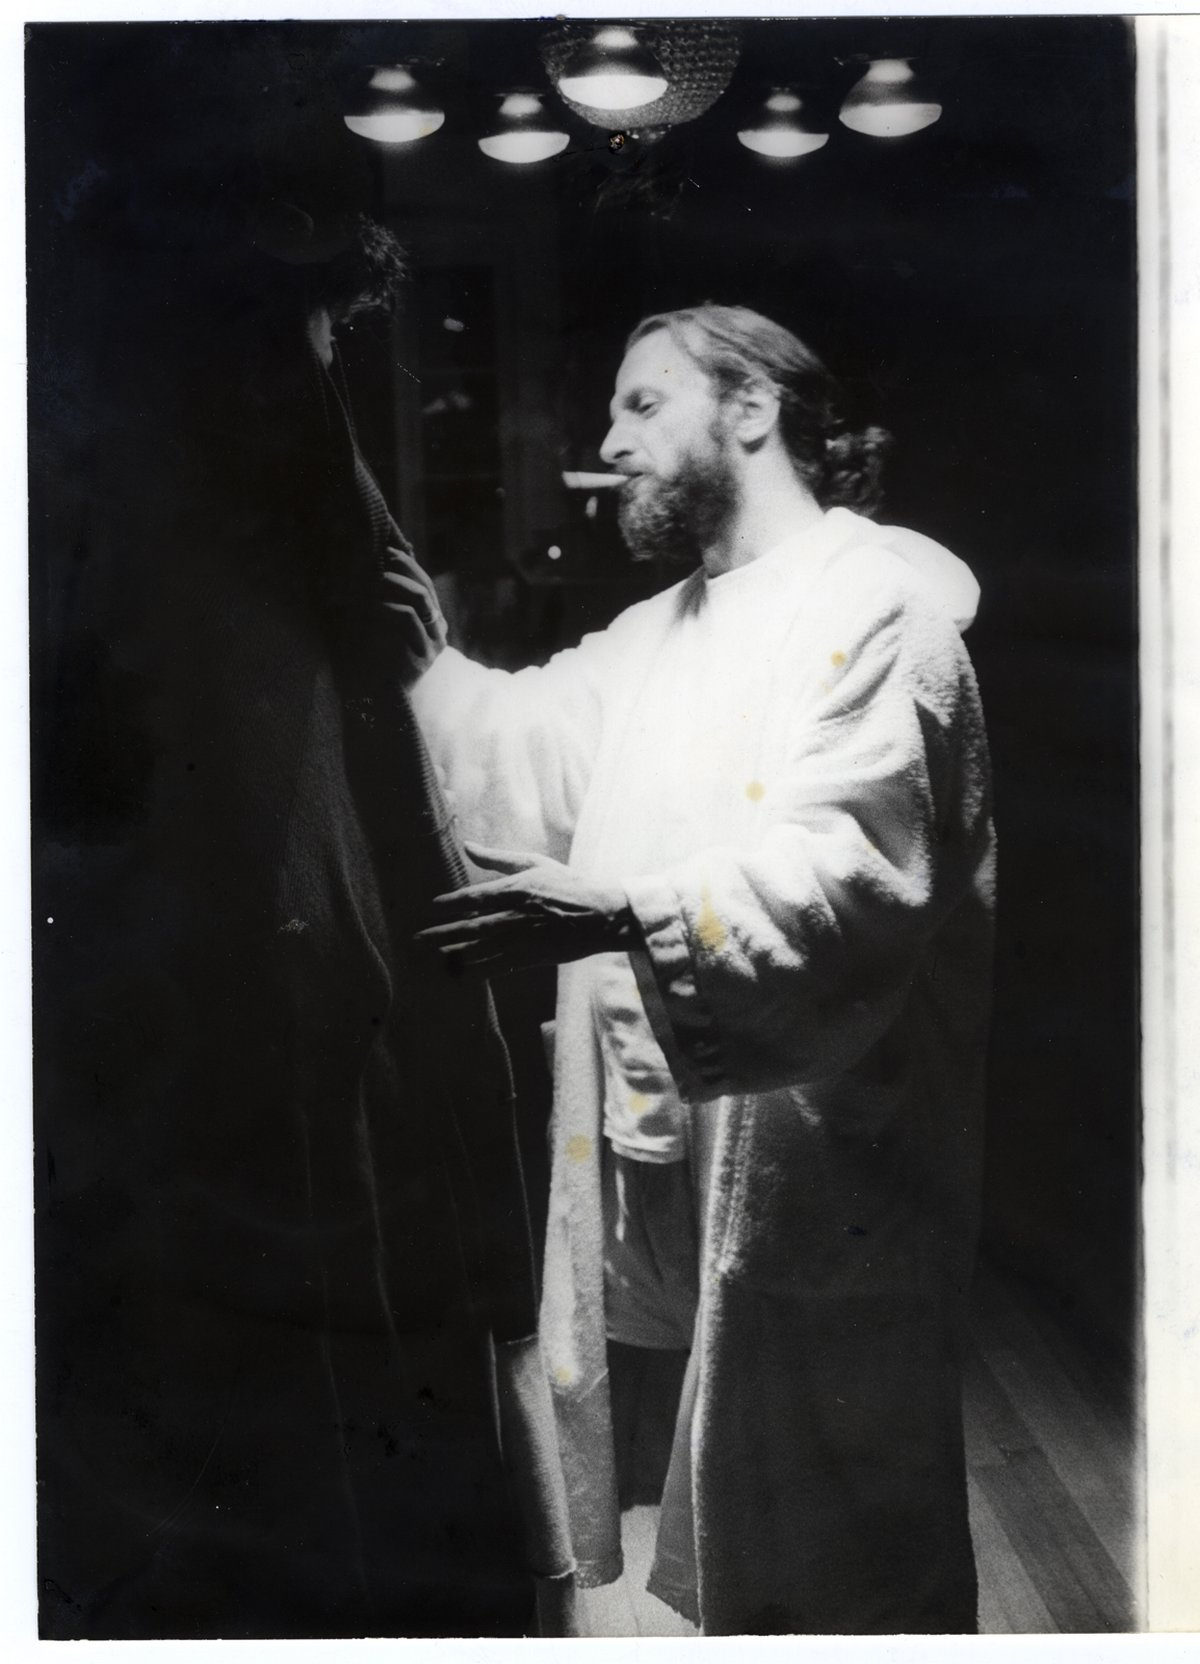 Πορτραίτο του Δημήτρη Παρθένη